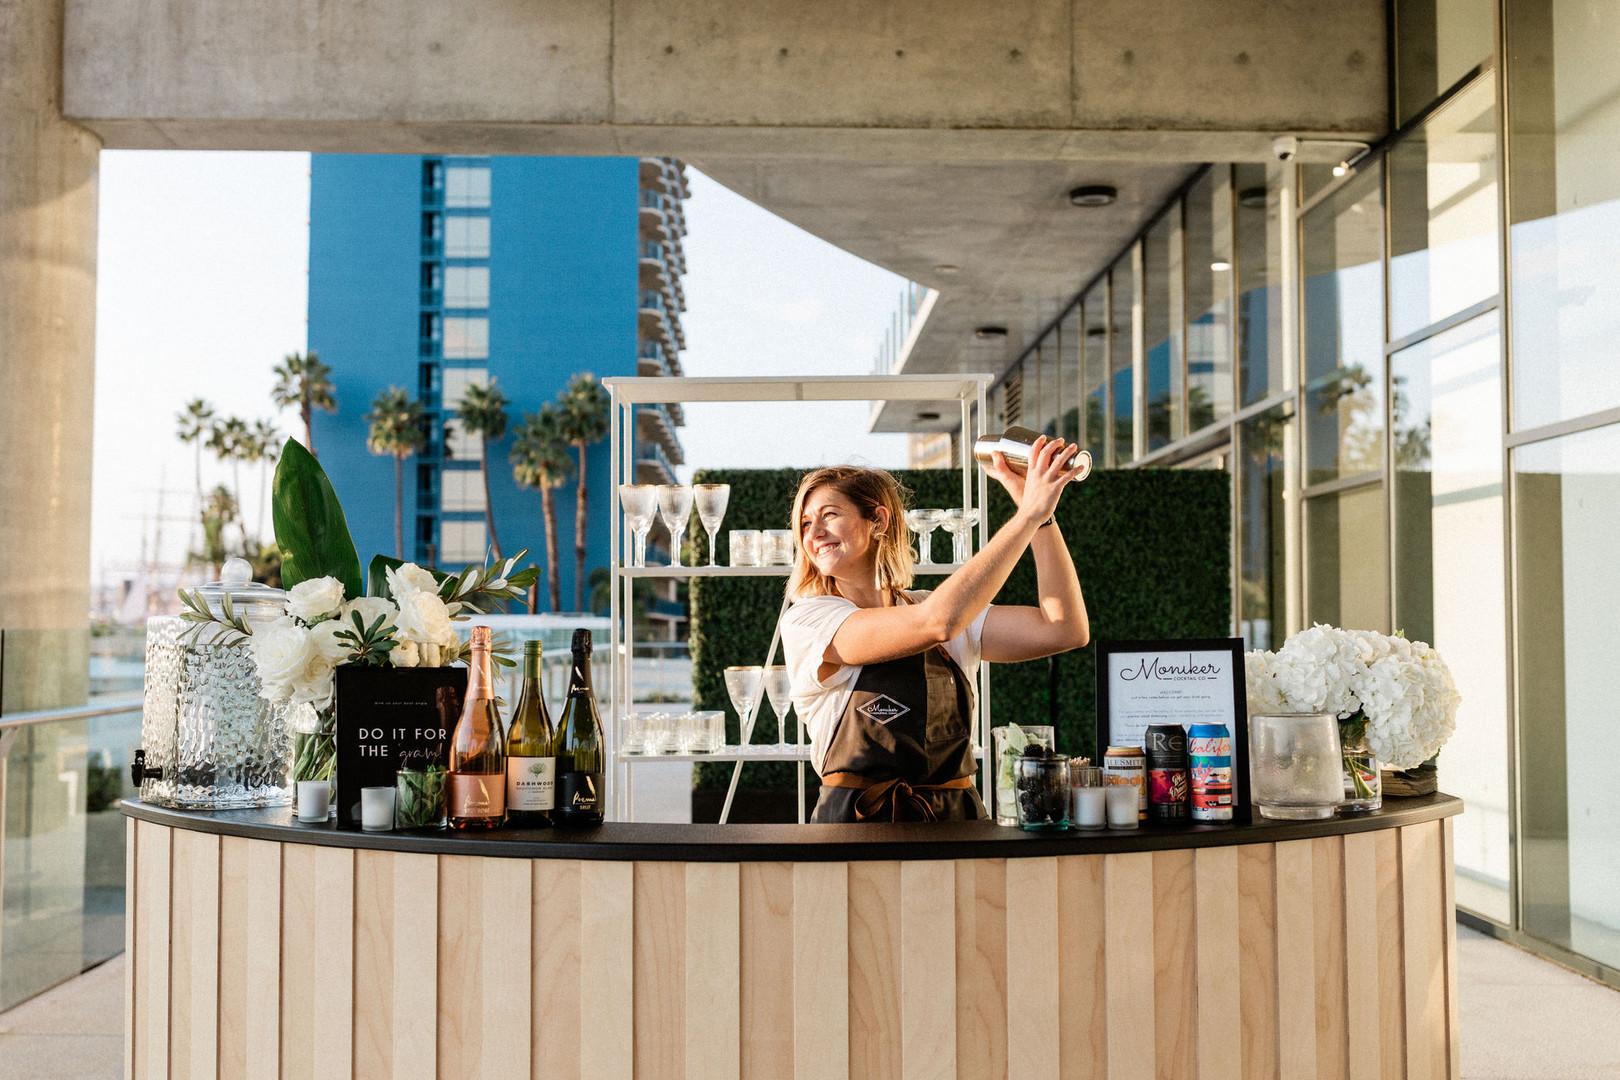 Moniker Cocktail Co